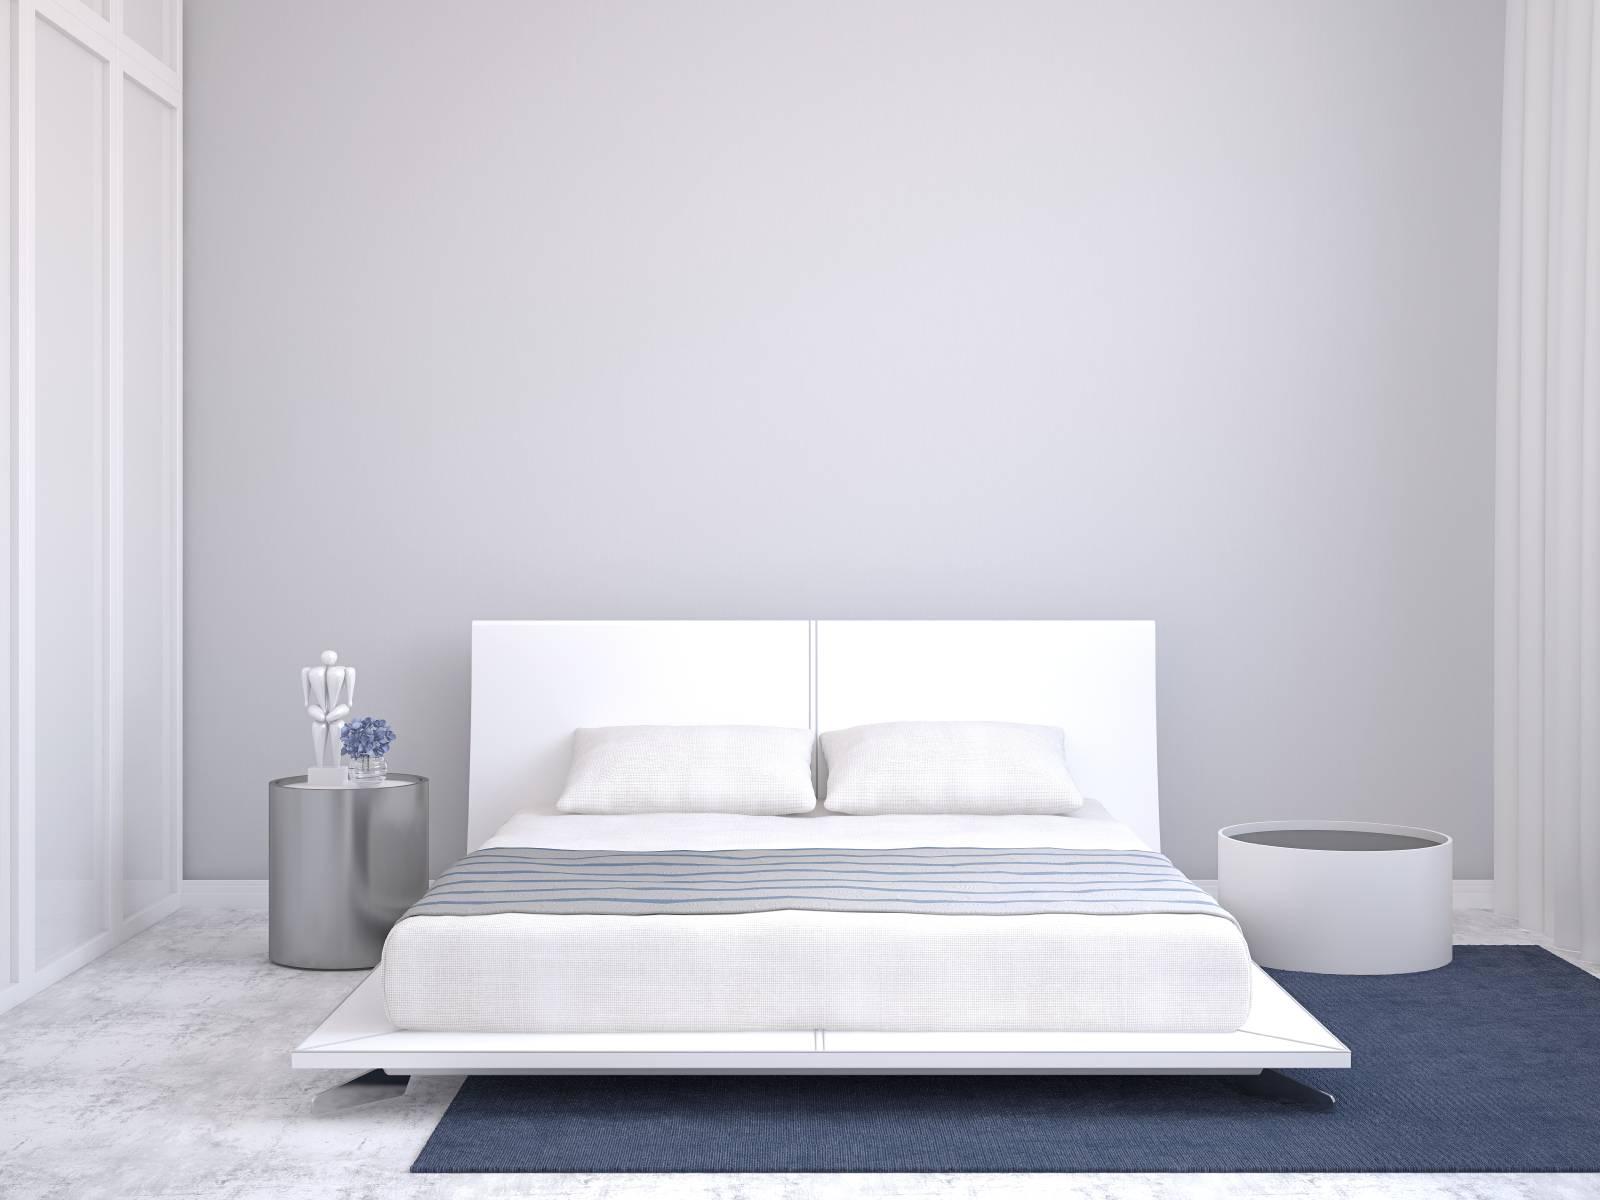 Couverture dredon boutis couvre lit - Analyse de pratique toilette au lit ...